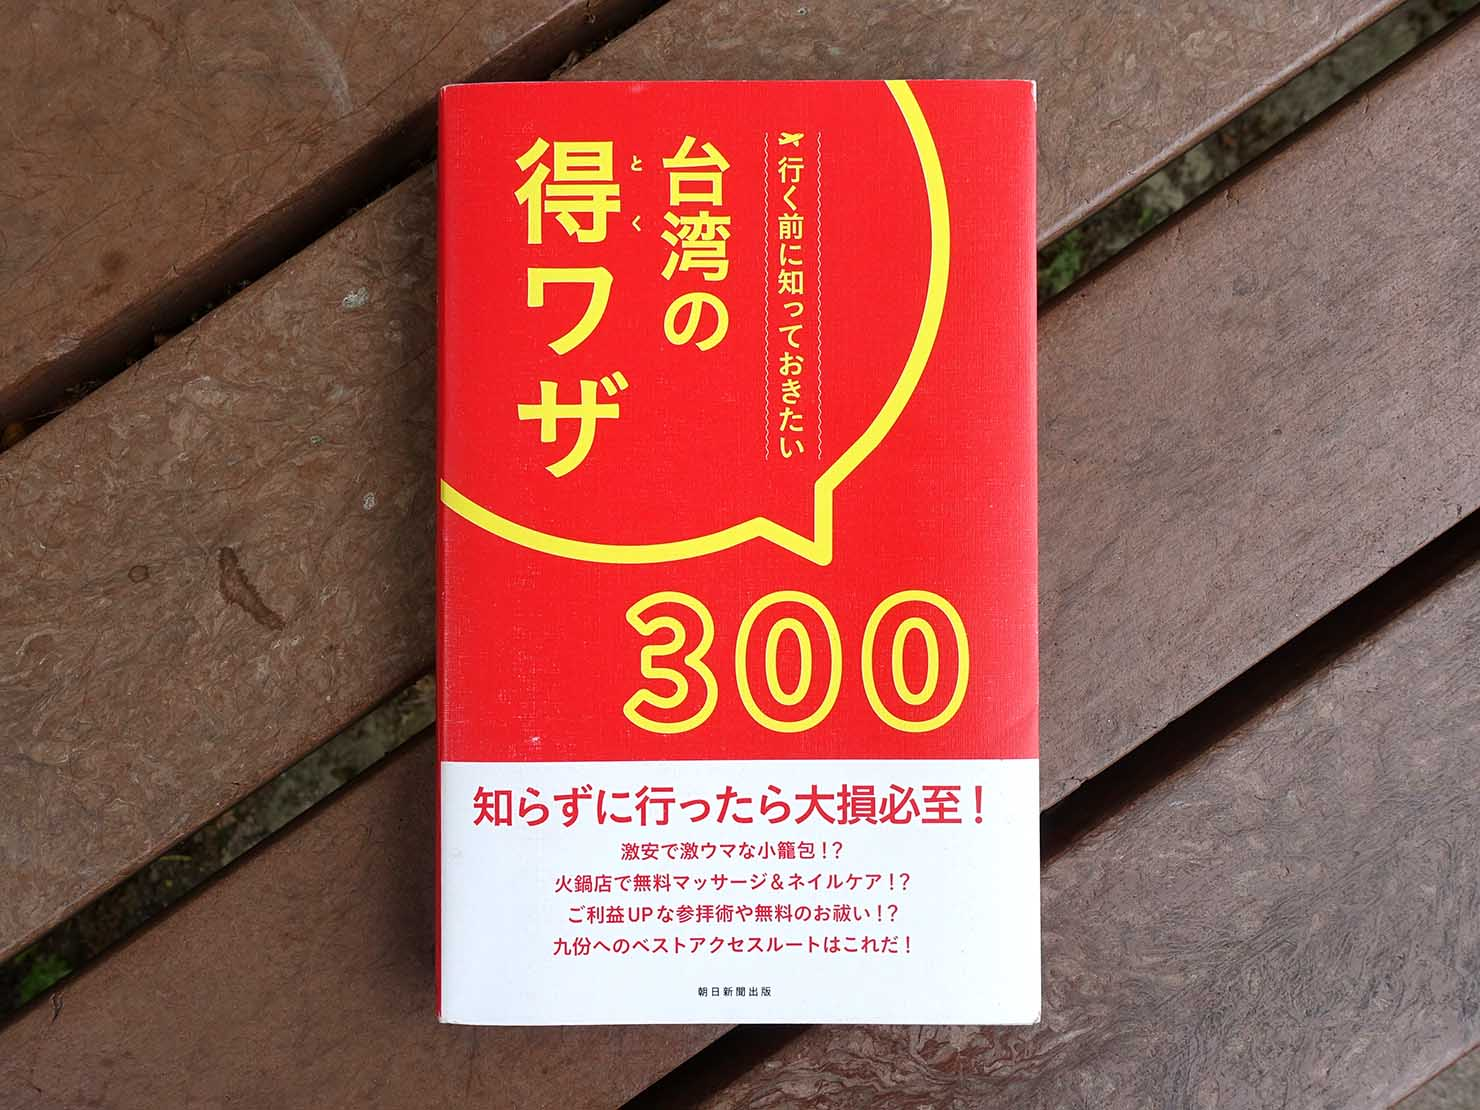 台北旅行におすすめのガイドブック『行く前に知っておきたい 台湾の特ワザ300』